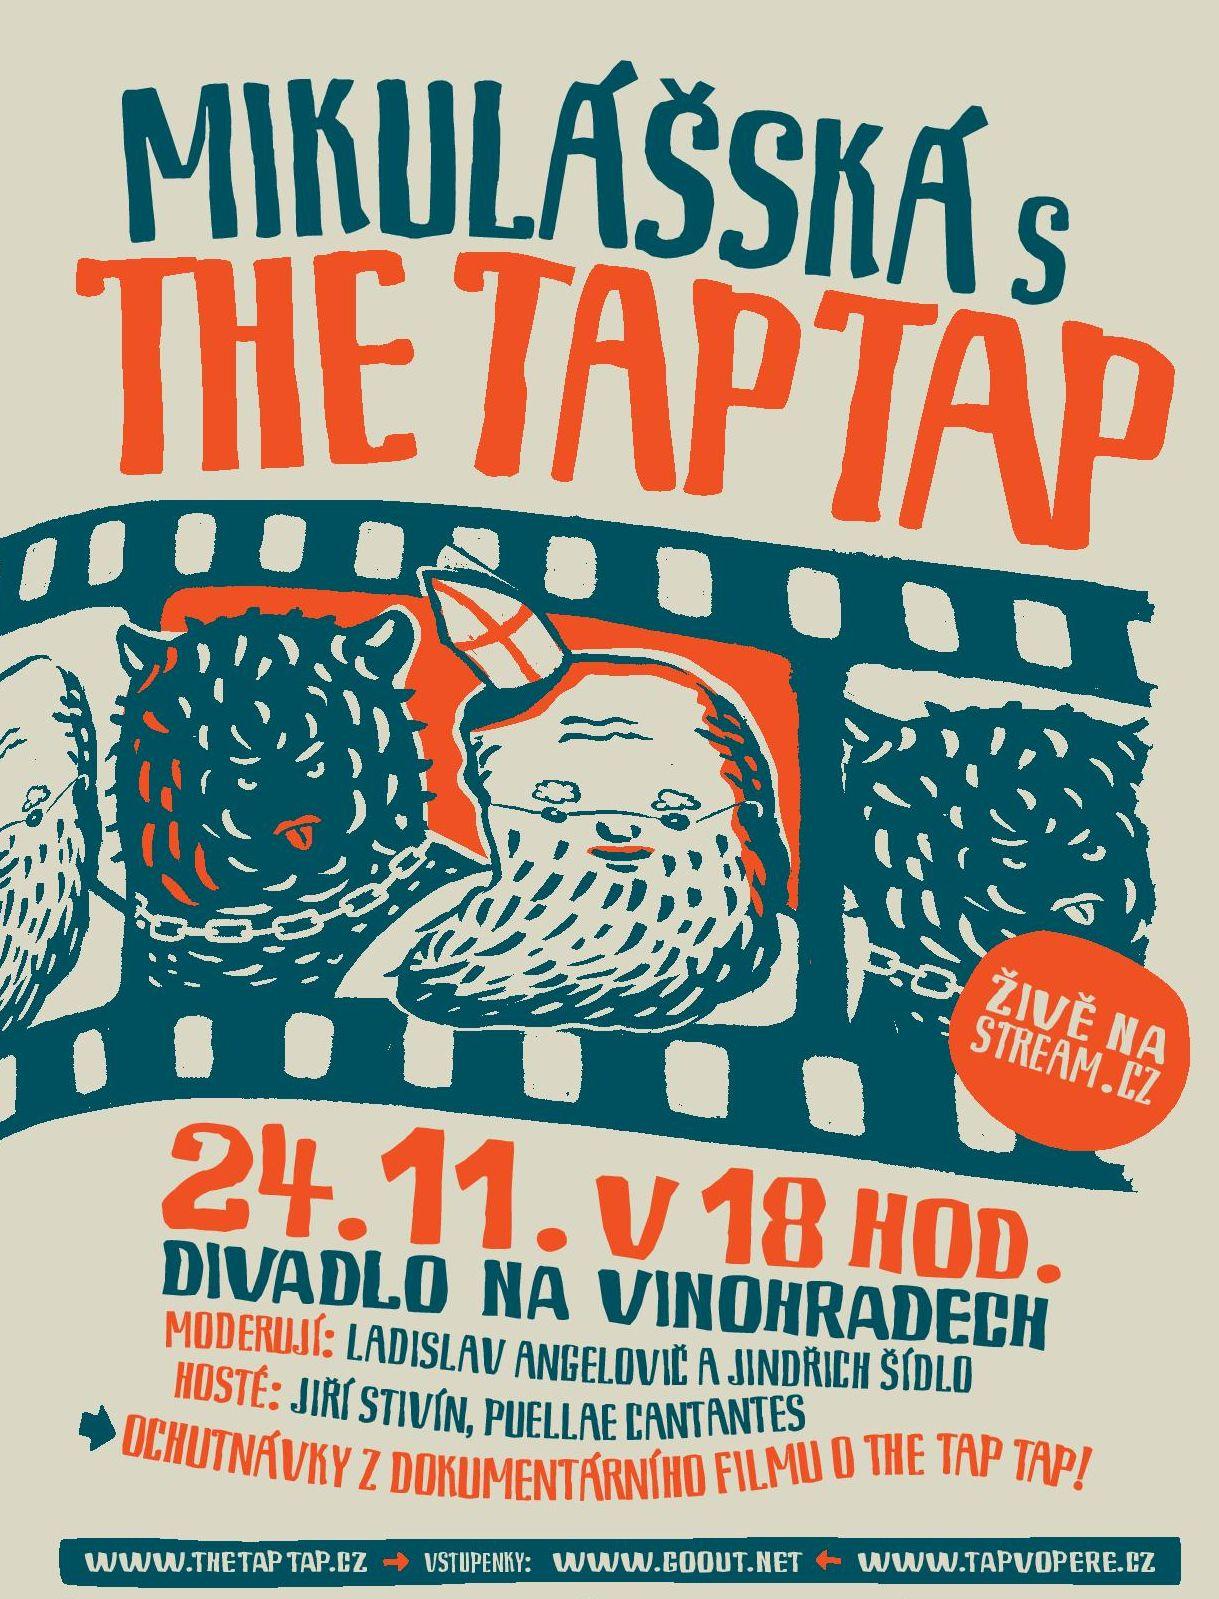 The Tap Tap zvou na letošní Mikulášskou